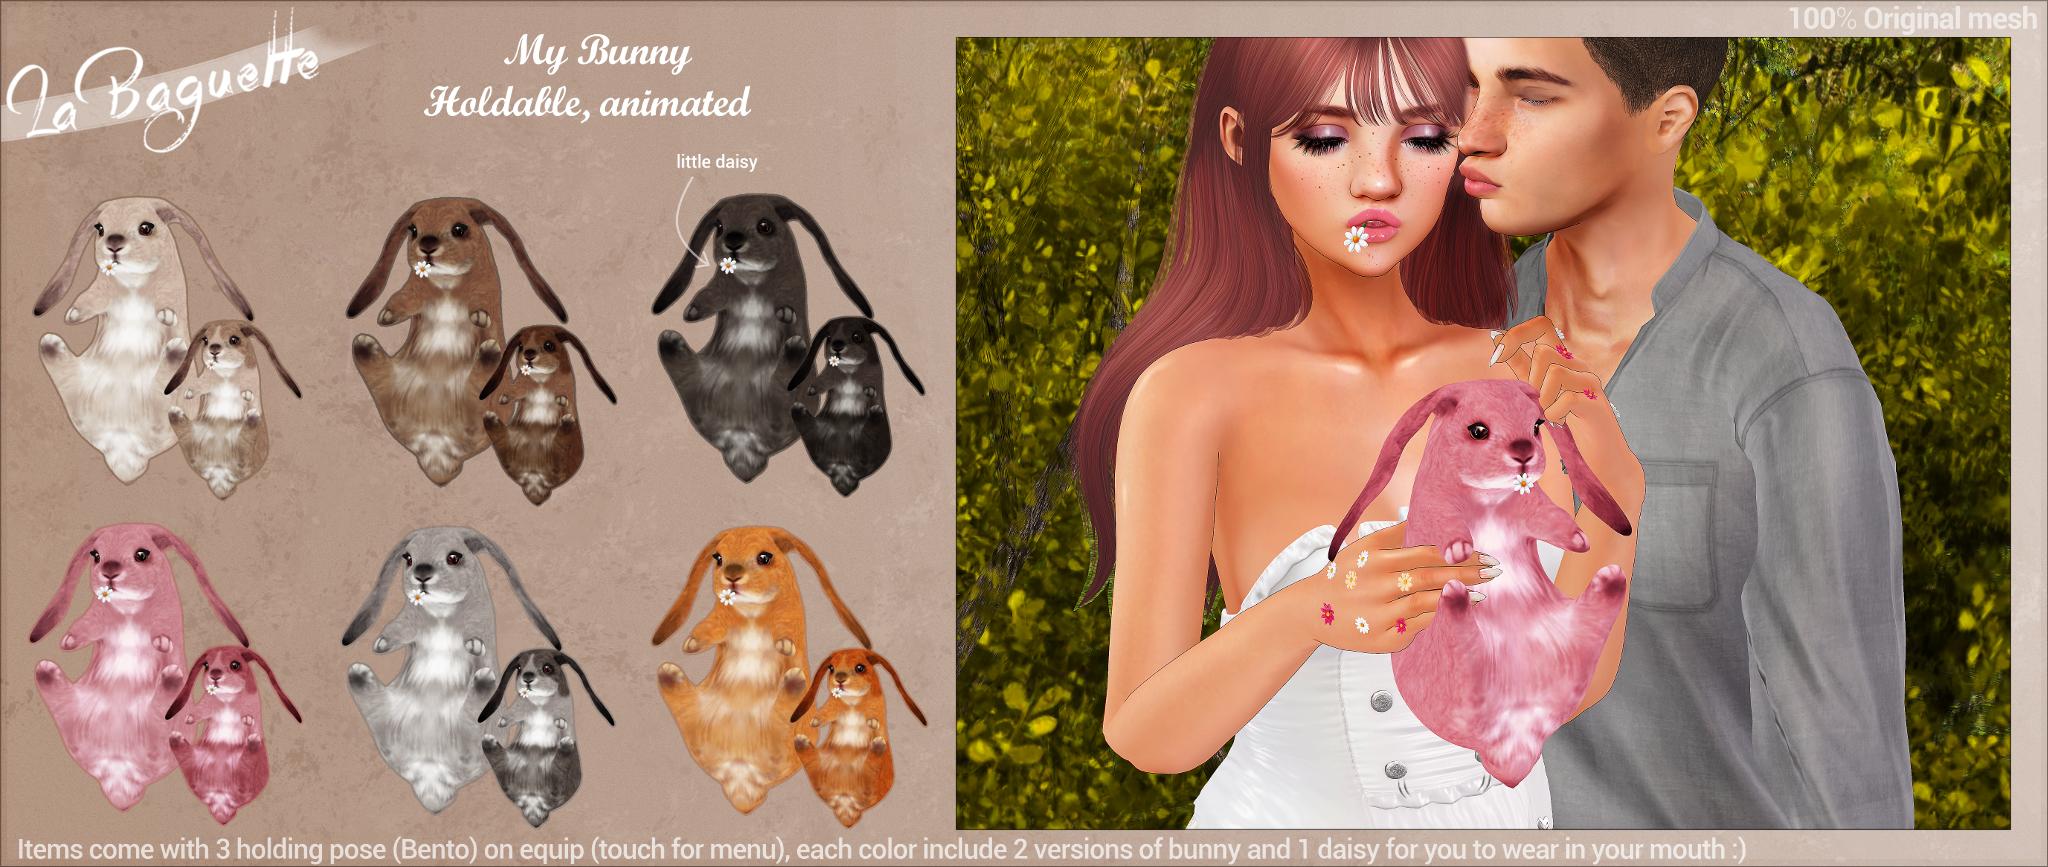 La Baguette - My Bunny